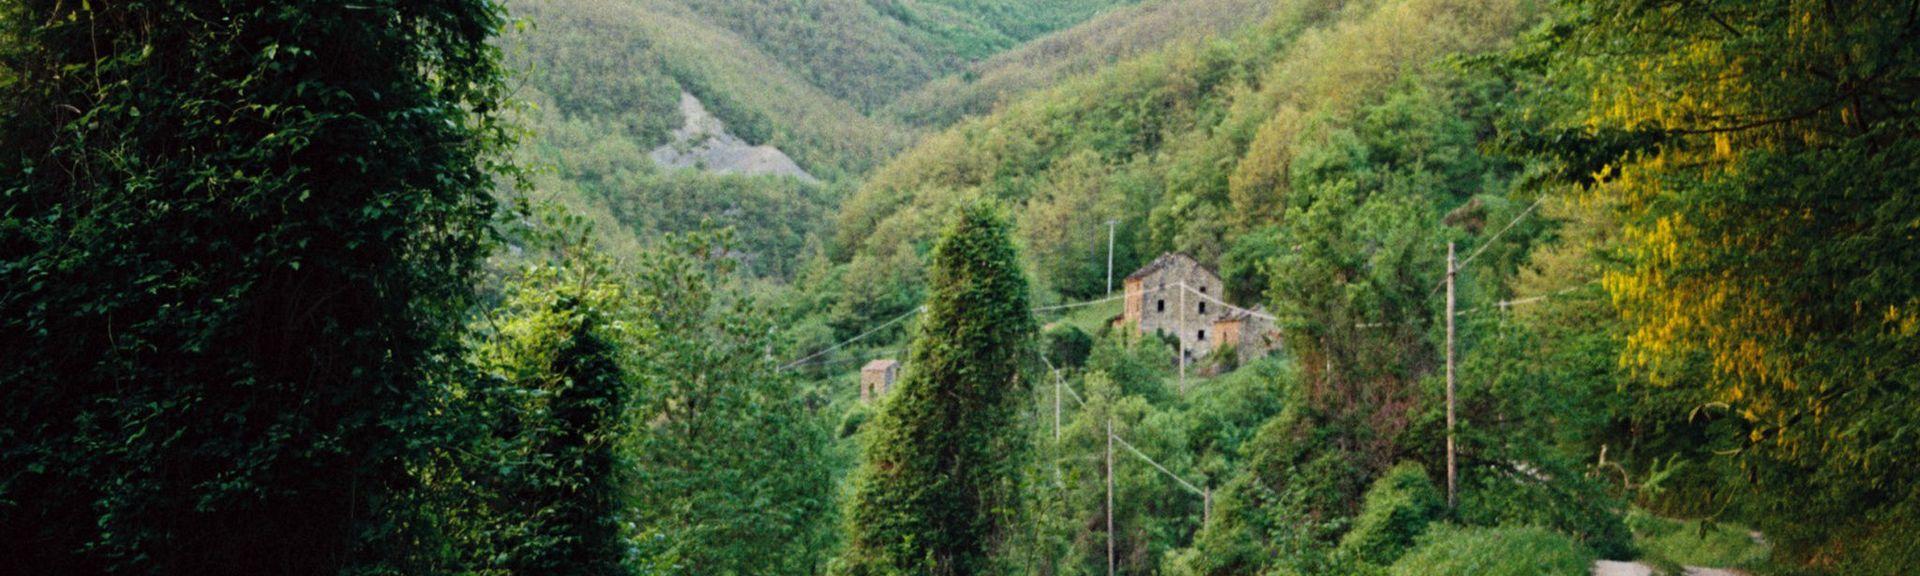 Vernasca, Emilia-Romagna, Italy